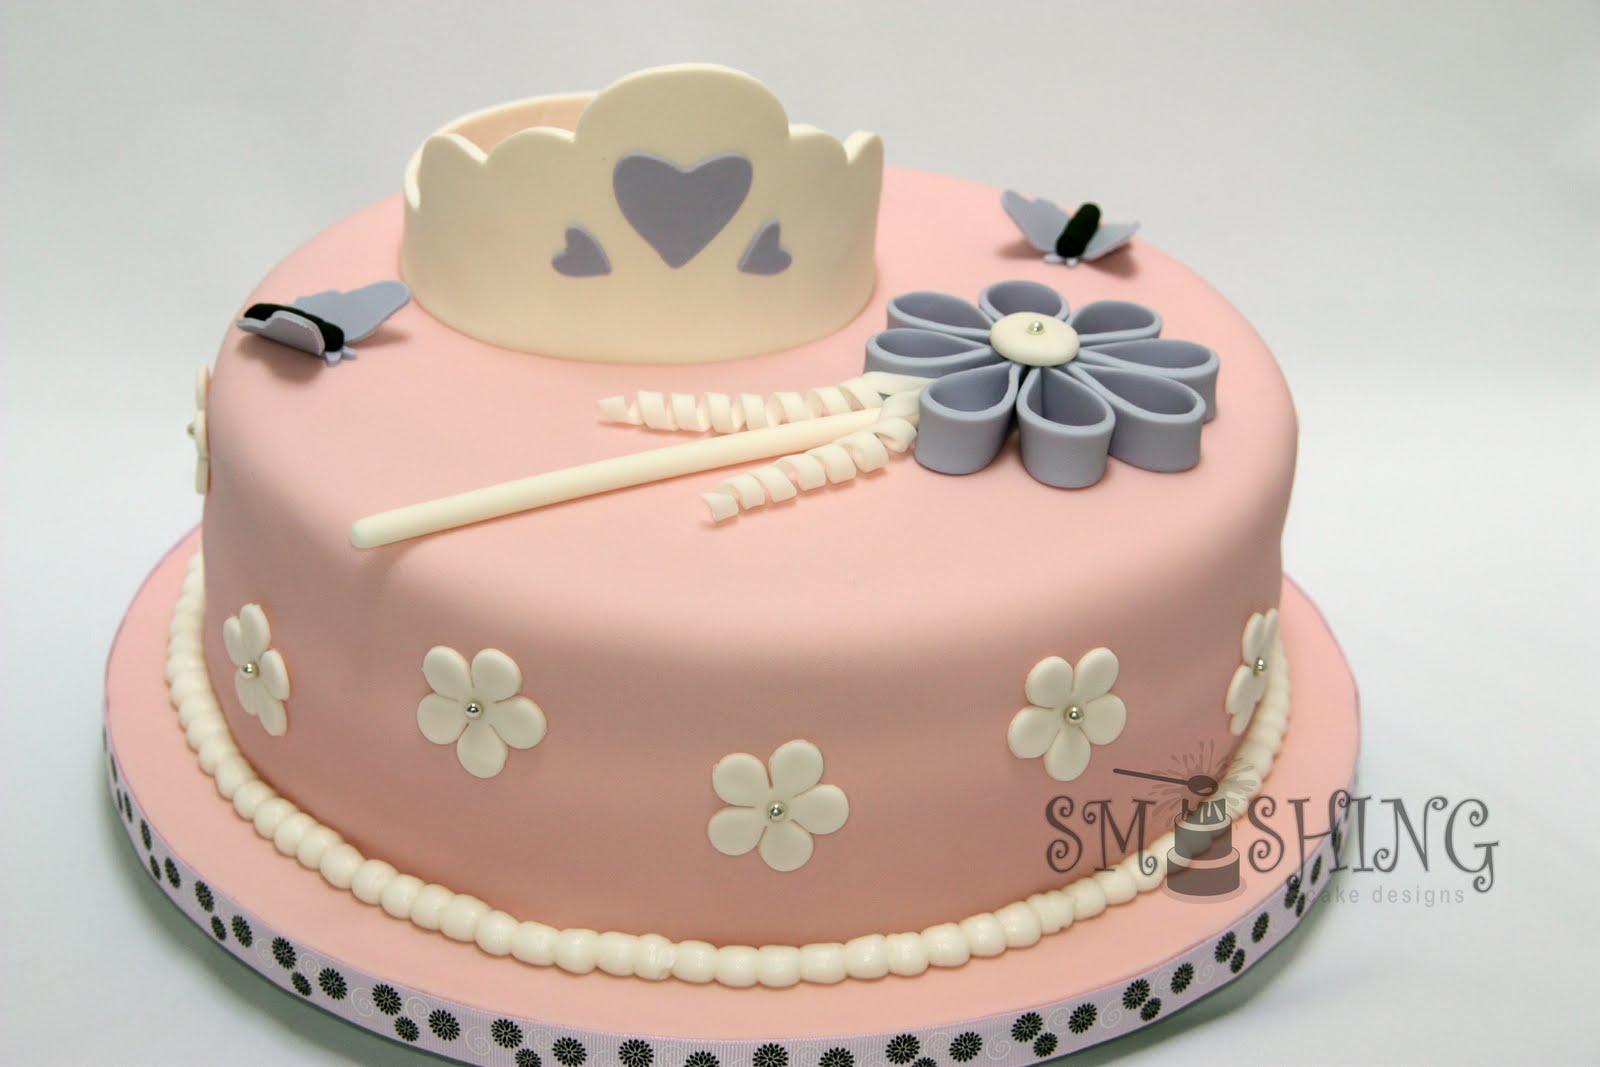 Princess Cake Designs Little Girl : Smashing Cake Designs: June 2010